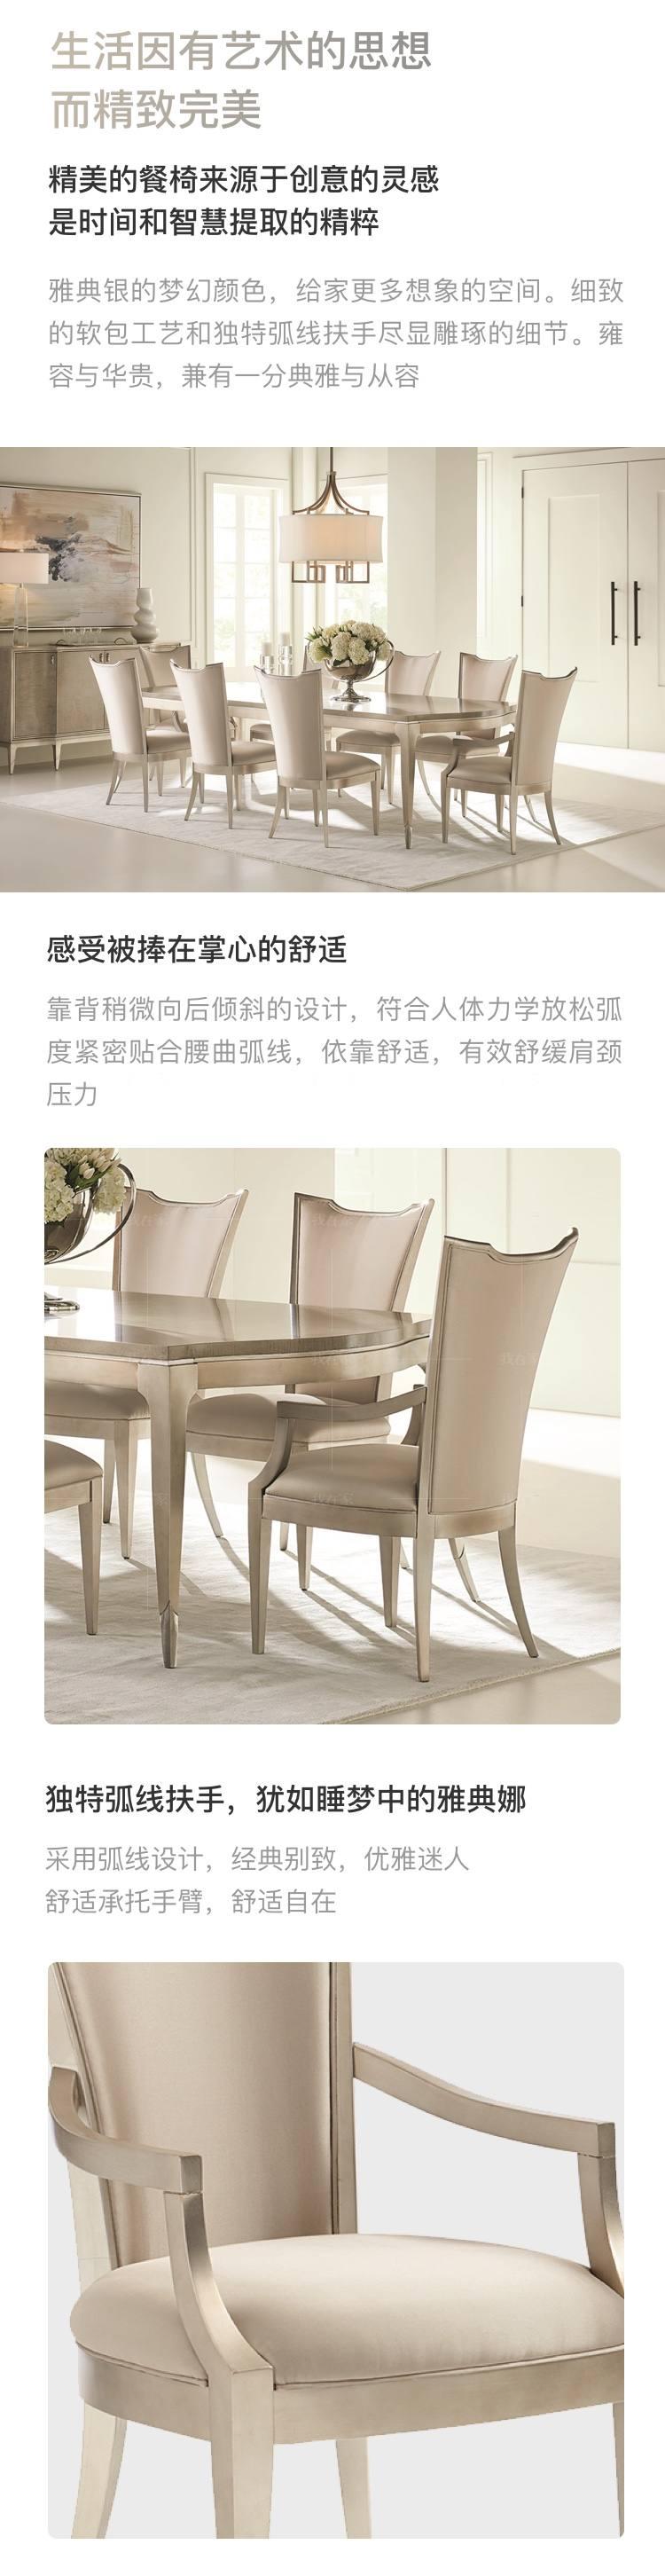 轻奢美式风格珍珠贝餐椅(样品特惠)的家具详细介绍